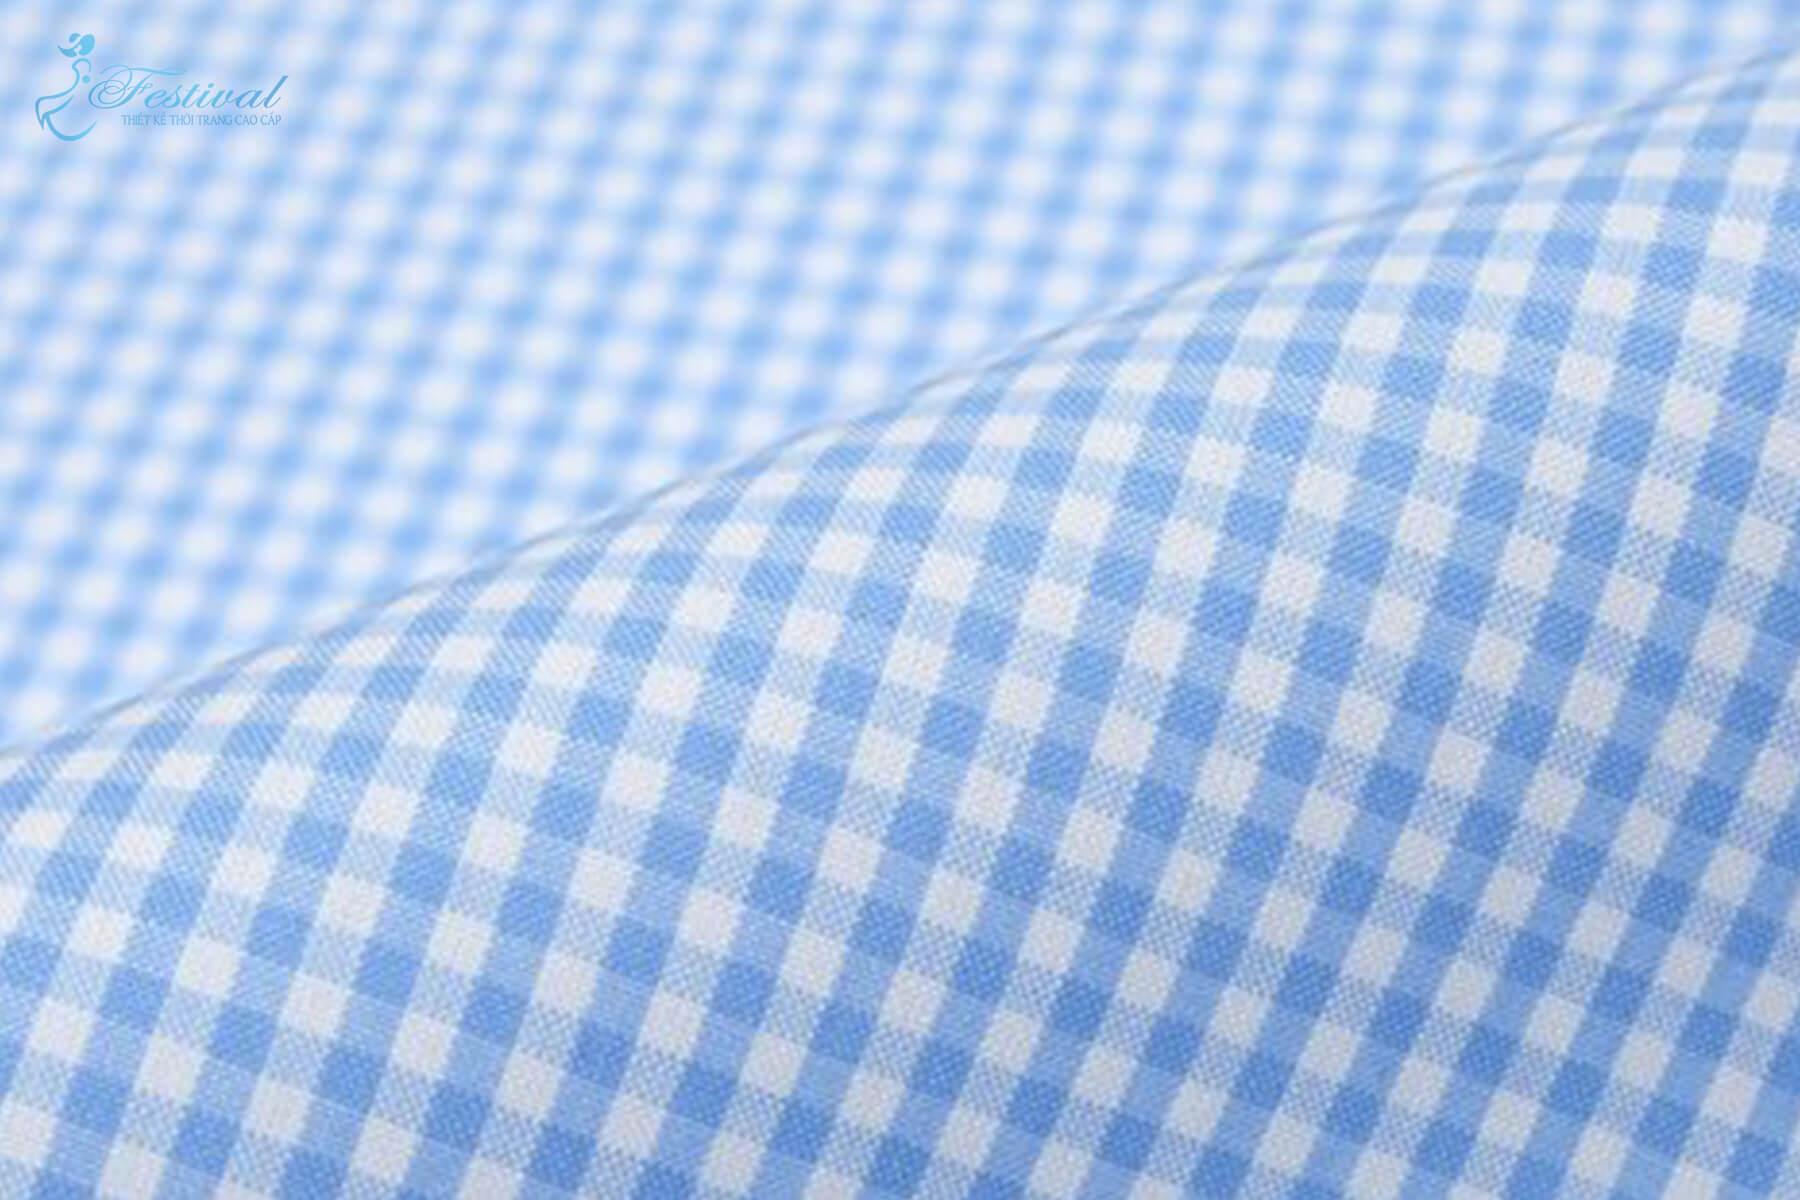 Vải cotton ai cập - Vải cotton là gì? Hiểu rõ hơn về các loại vải cotton